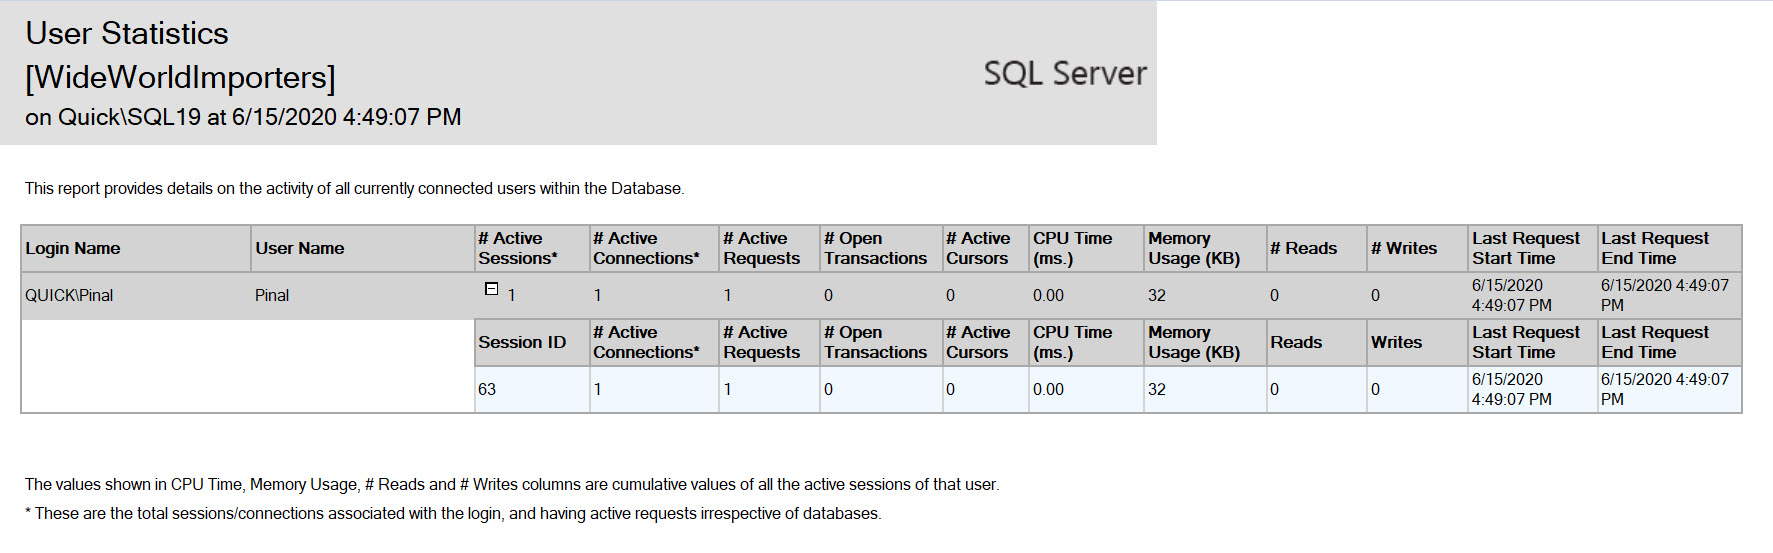 SQL SERVER - User Statistics Report for Database - SSMS UserStatisticsReportforDatabase1